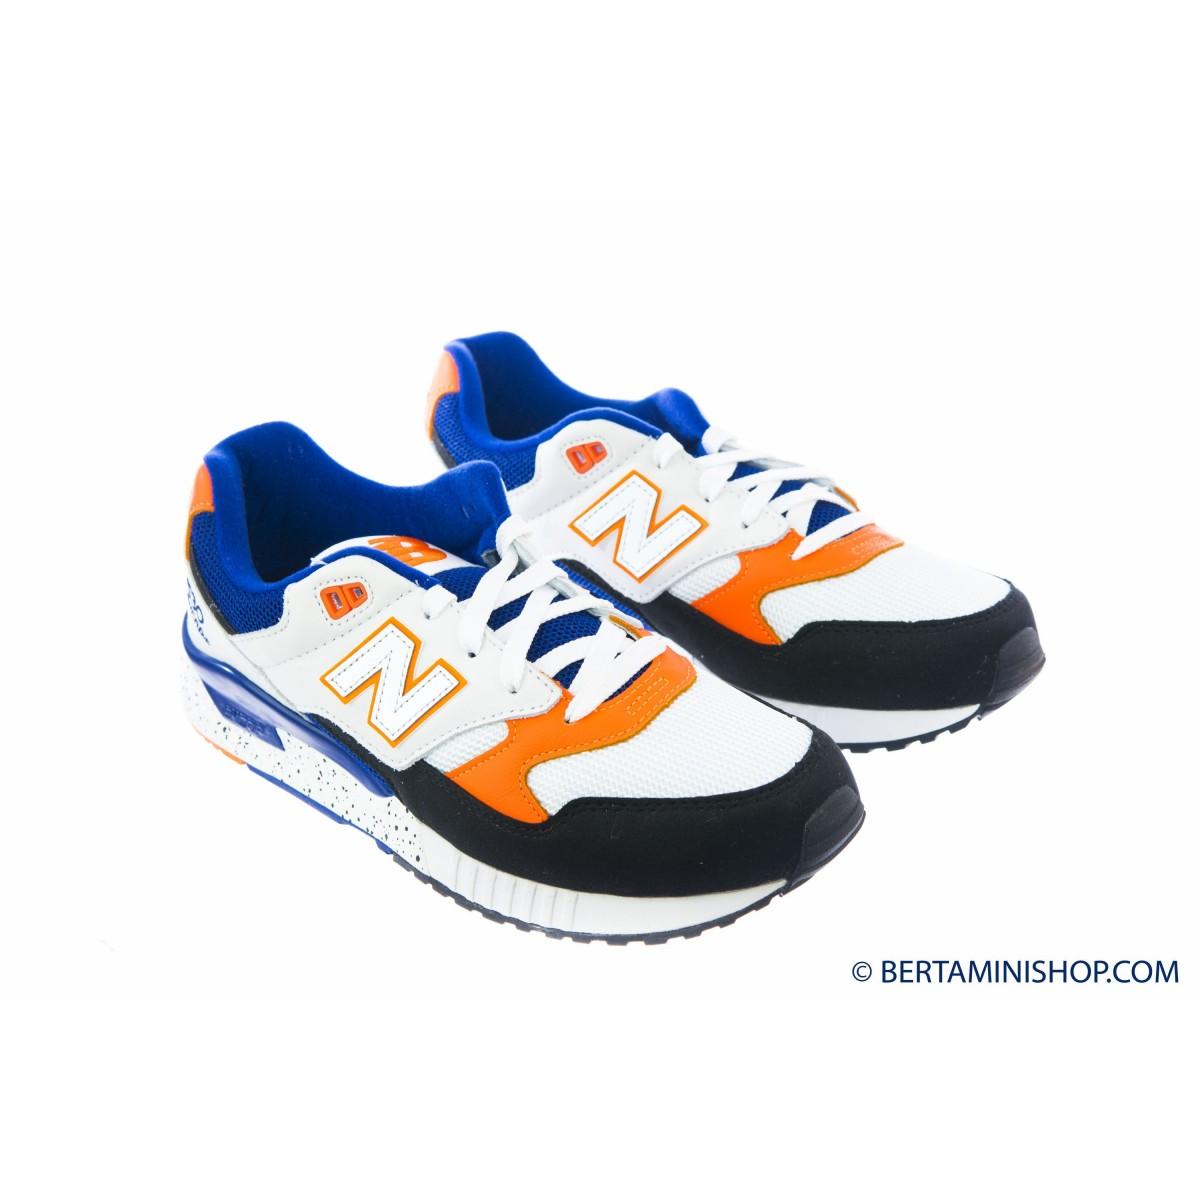 Schuhen New Balance Damen - M530 Running 90